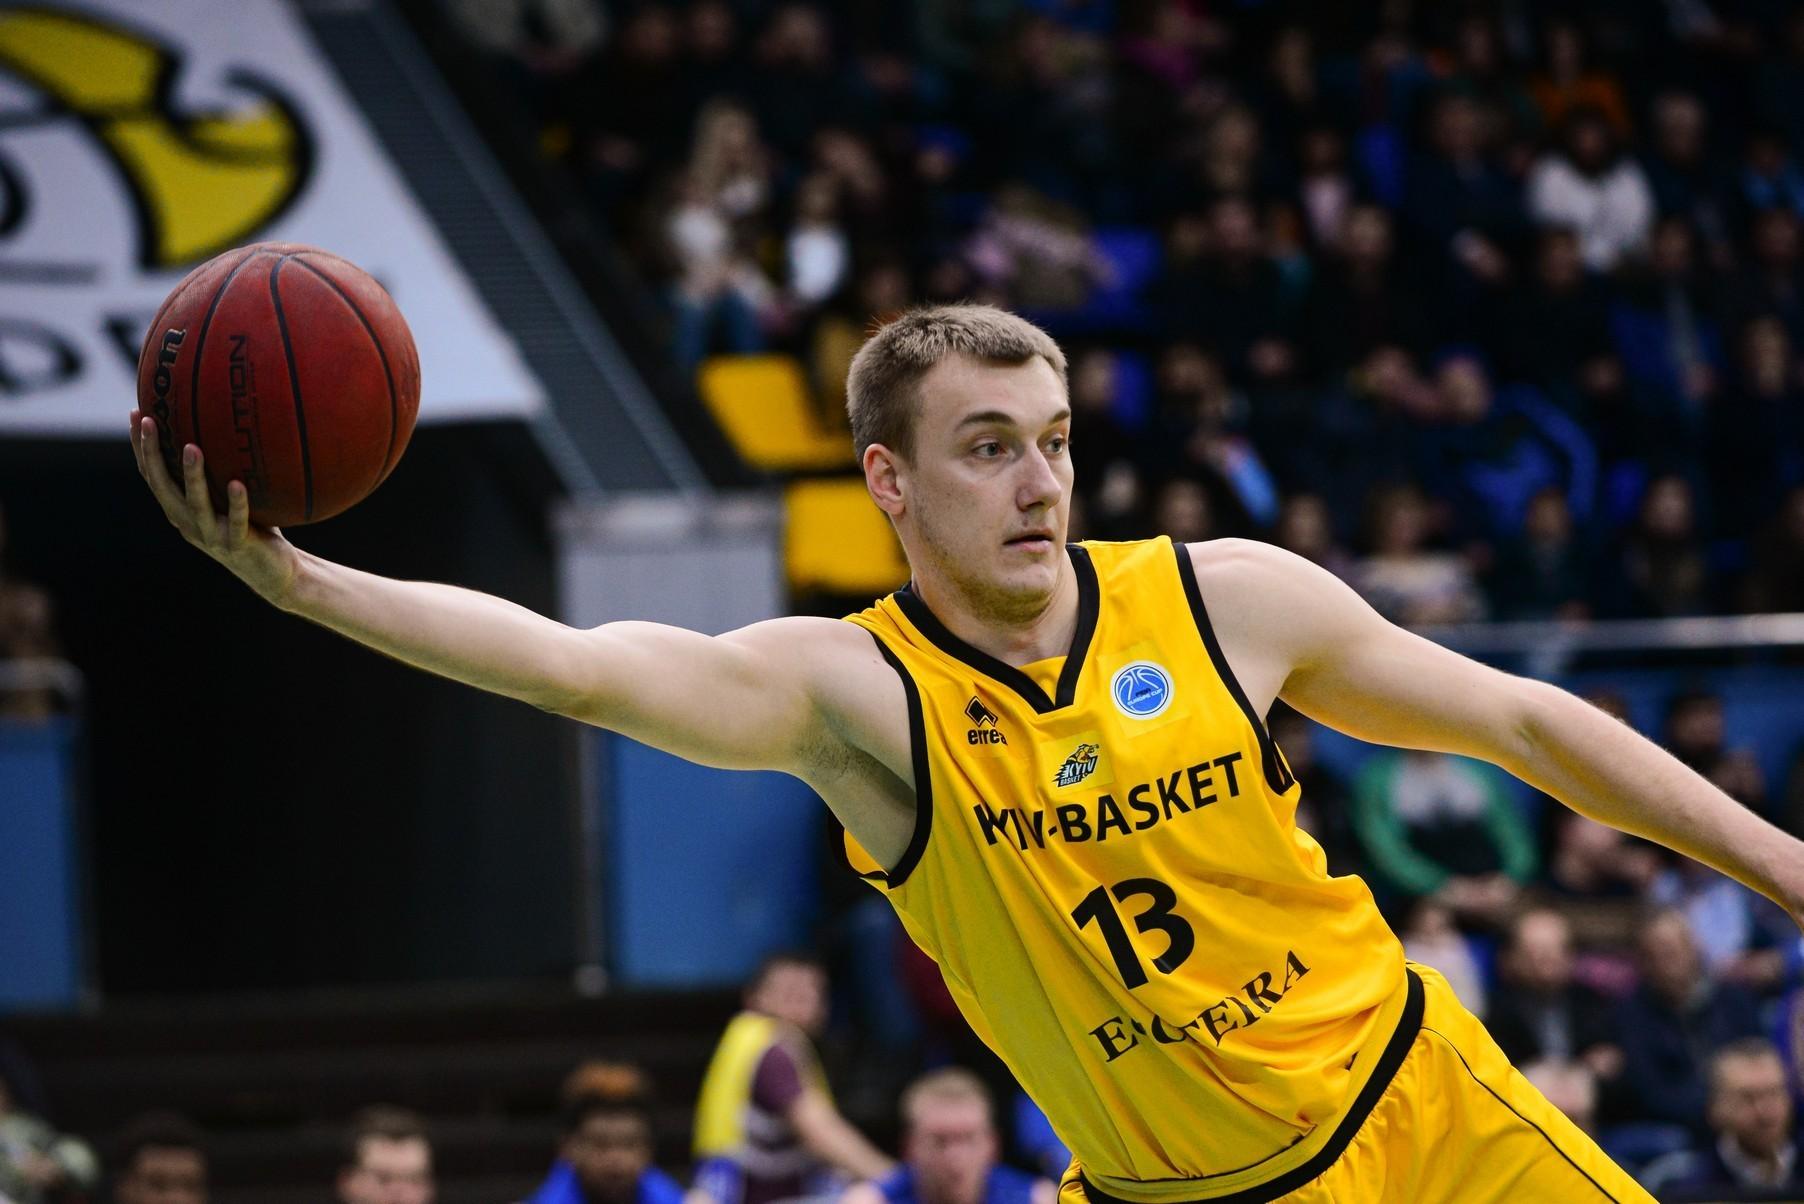 Сергій Павлов: важка гра, хотіли виграти